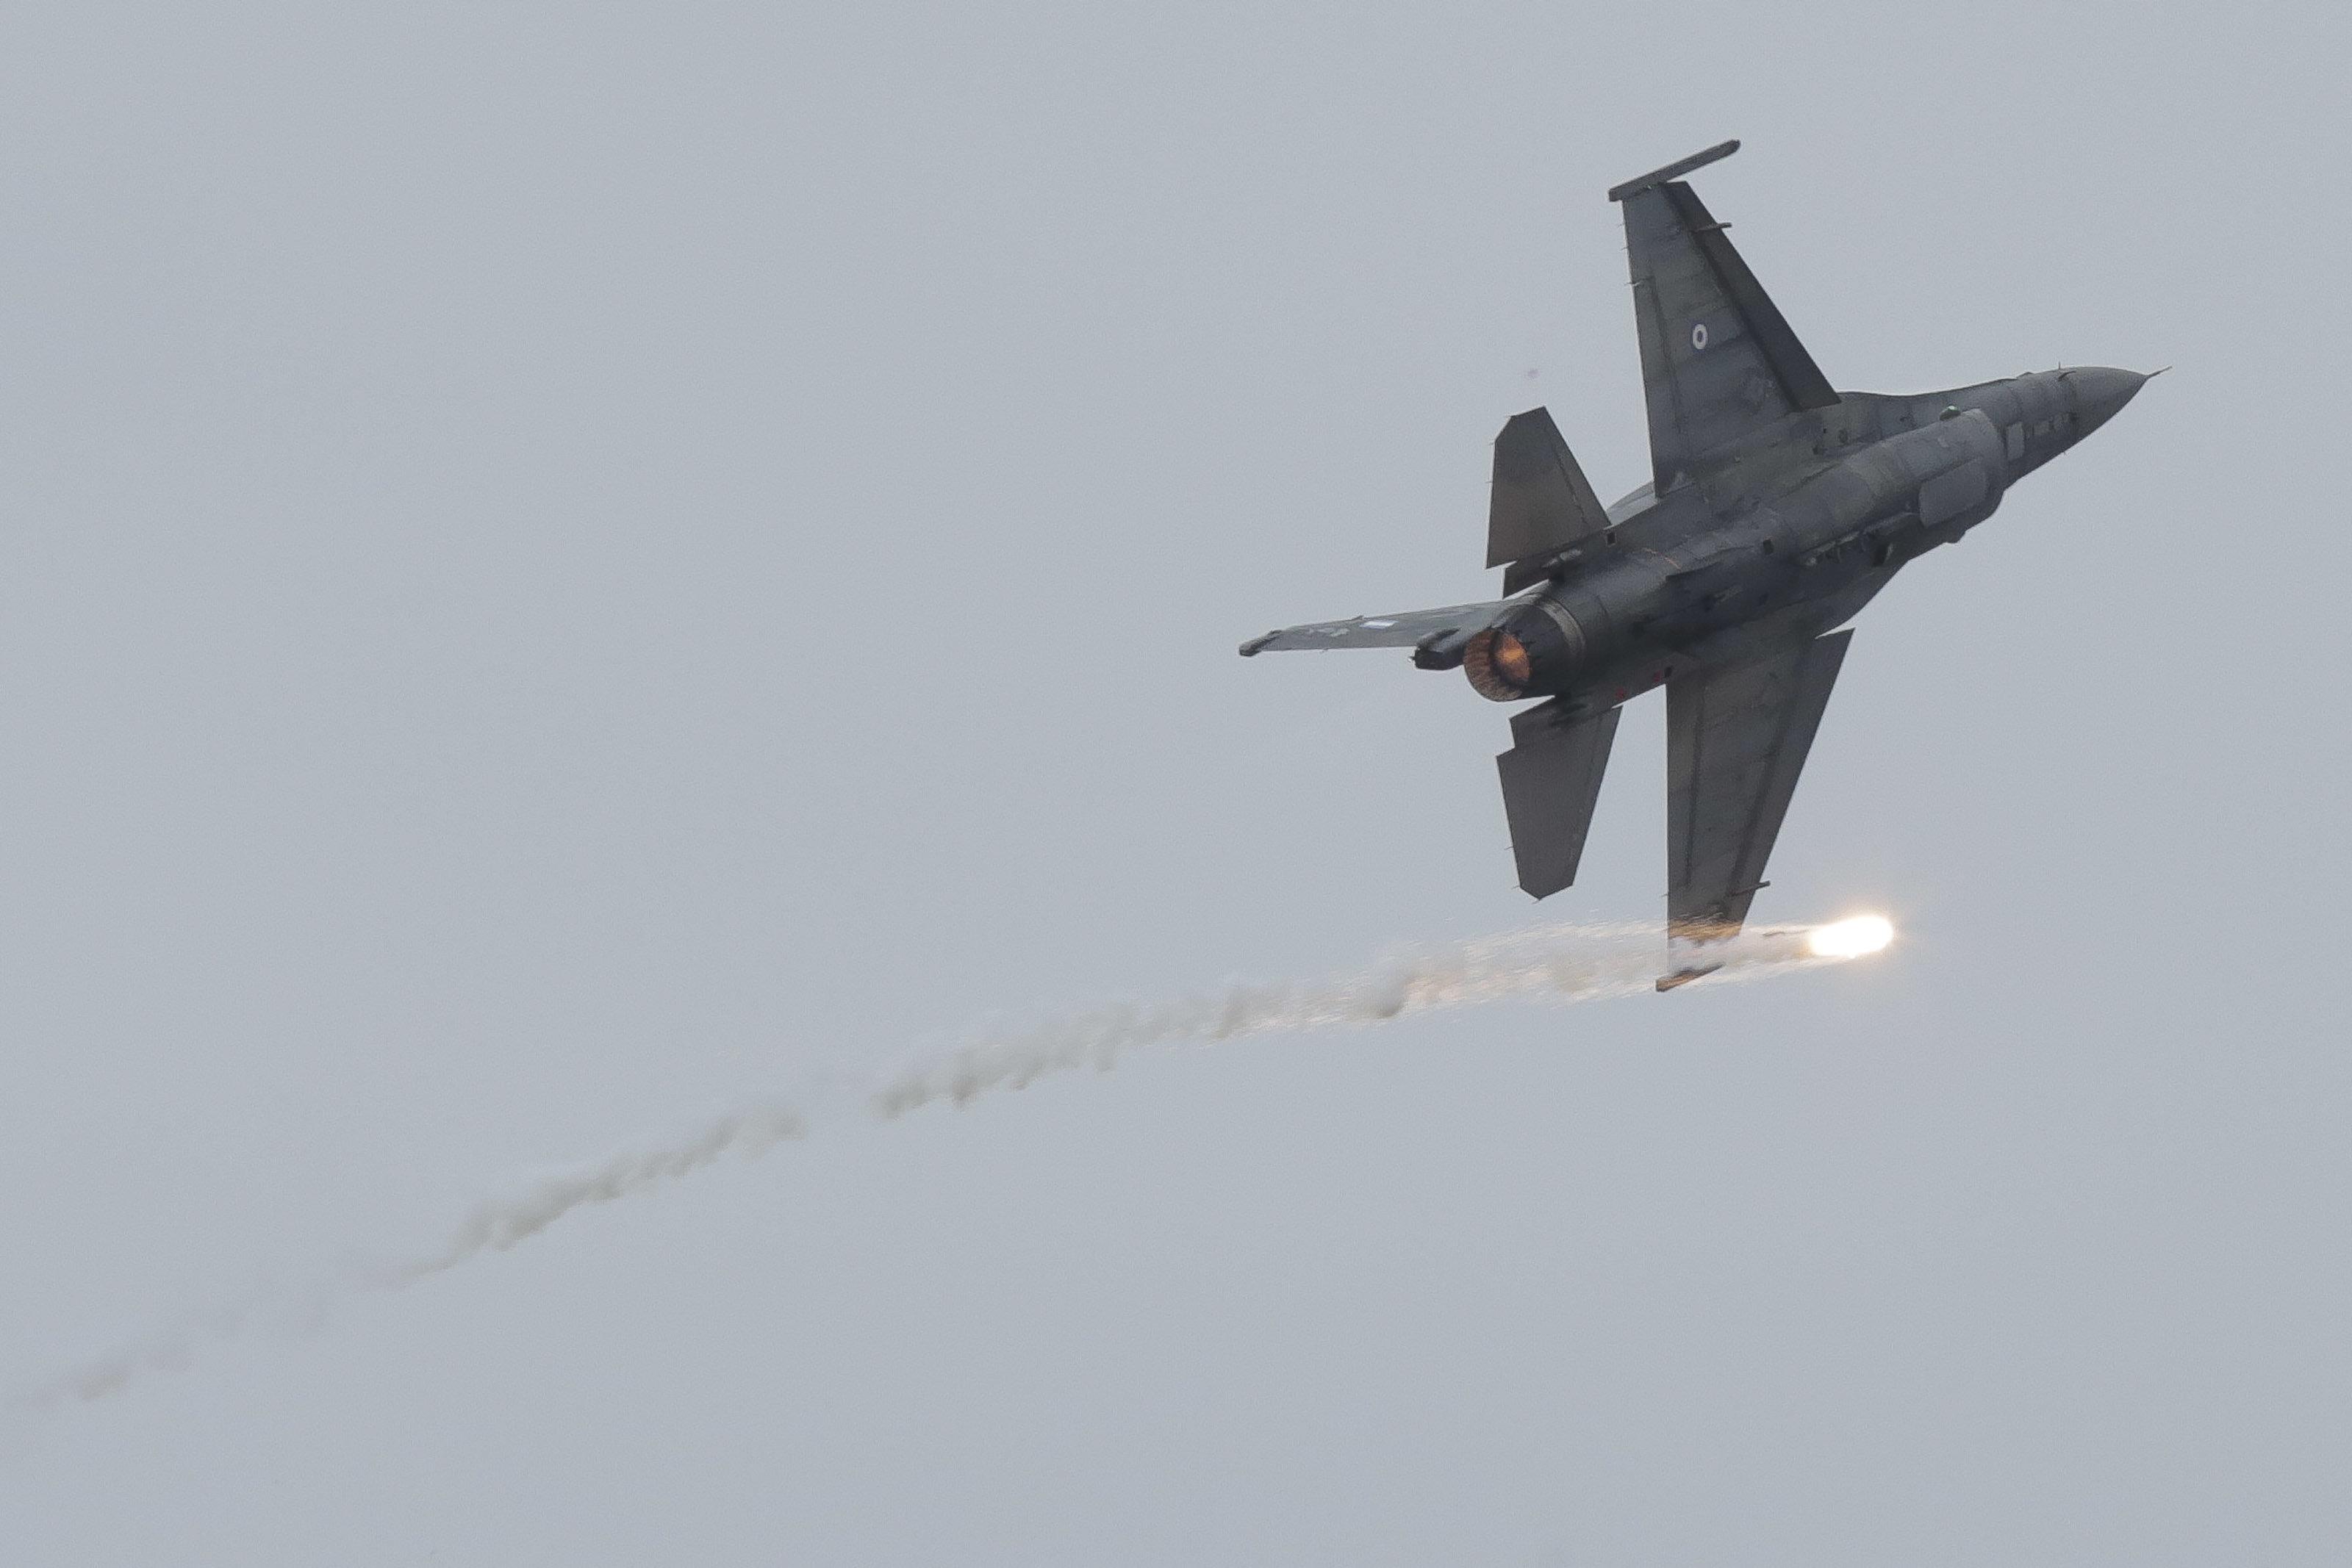 Διαμαρτυρία της αντιπολίτευσης στην Κύπρο για υπερπτήσεις ελληνικών F-16 στα κατεχόμενα κατά την διάρκεια...